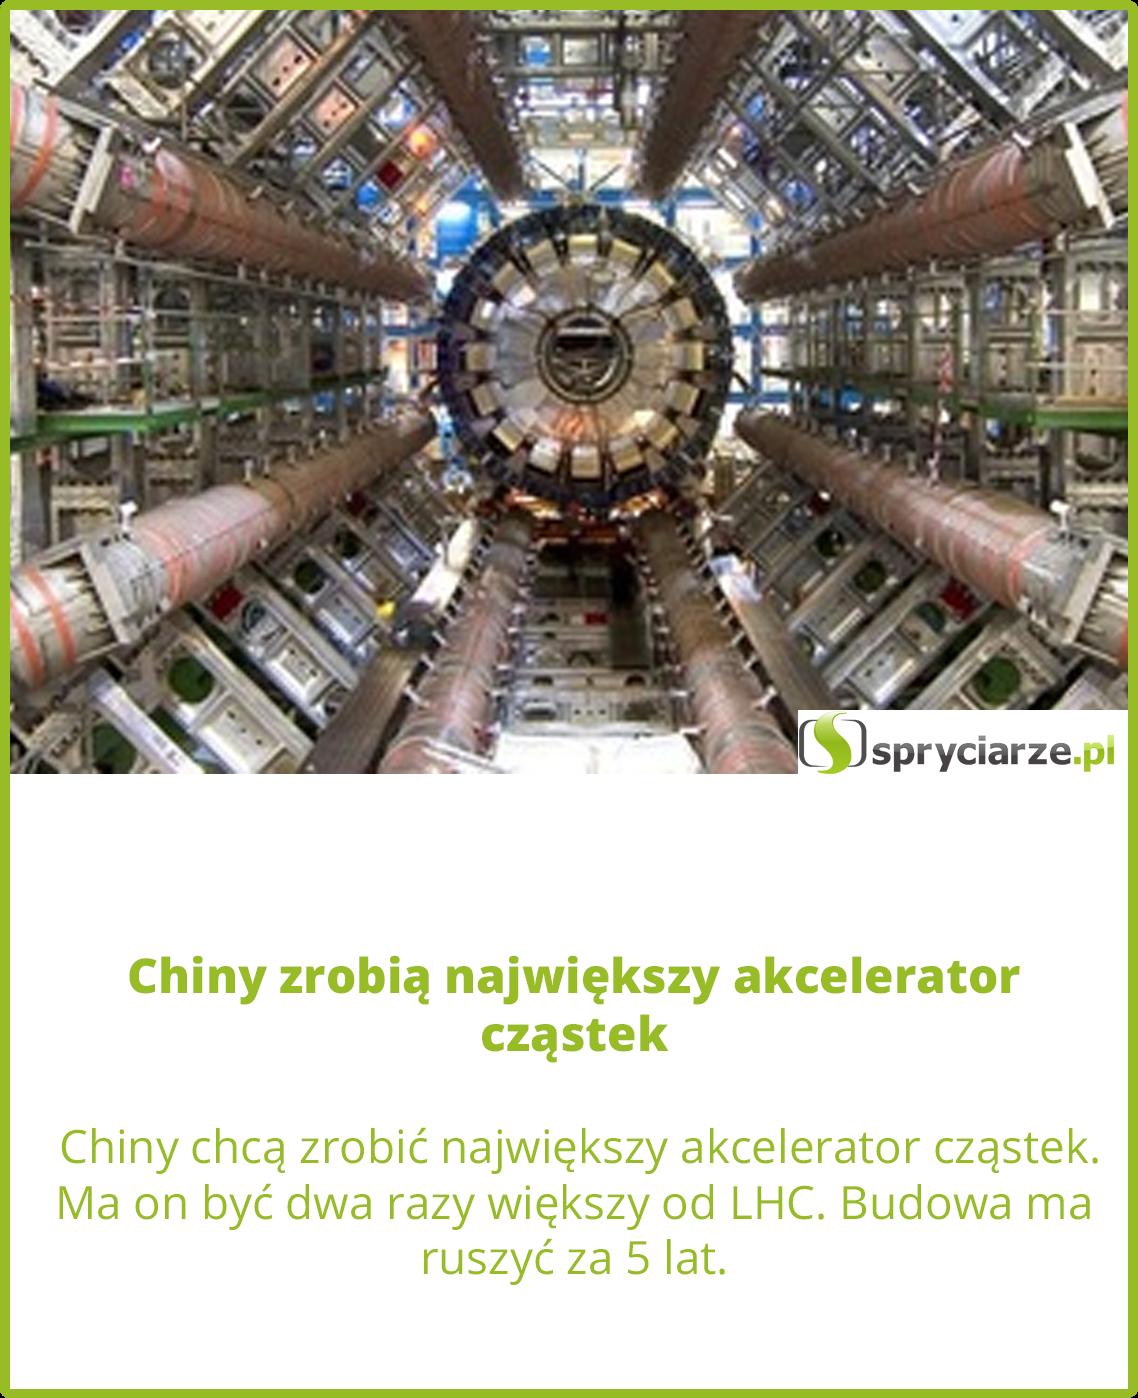 Chiny zrobią największy akcelerator cząstek